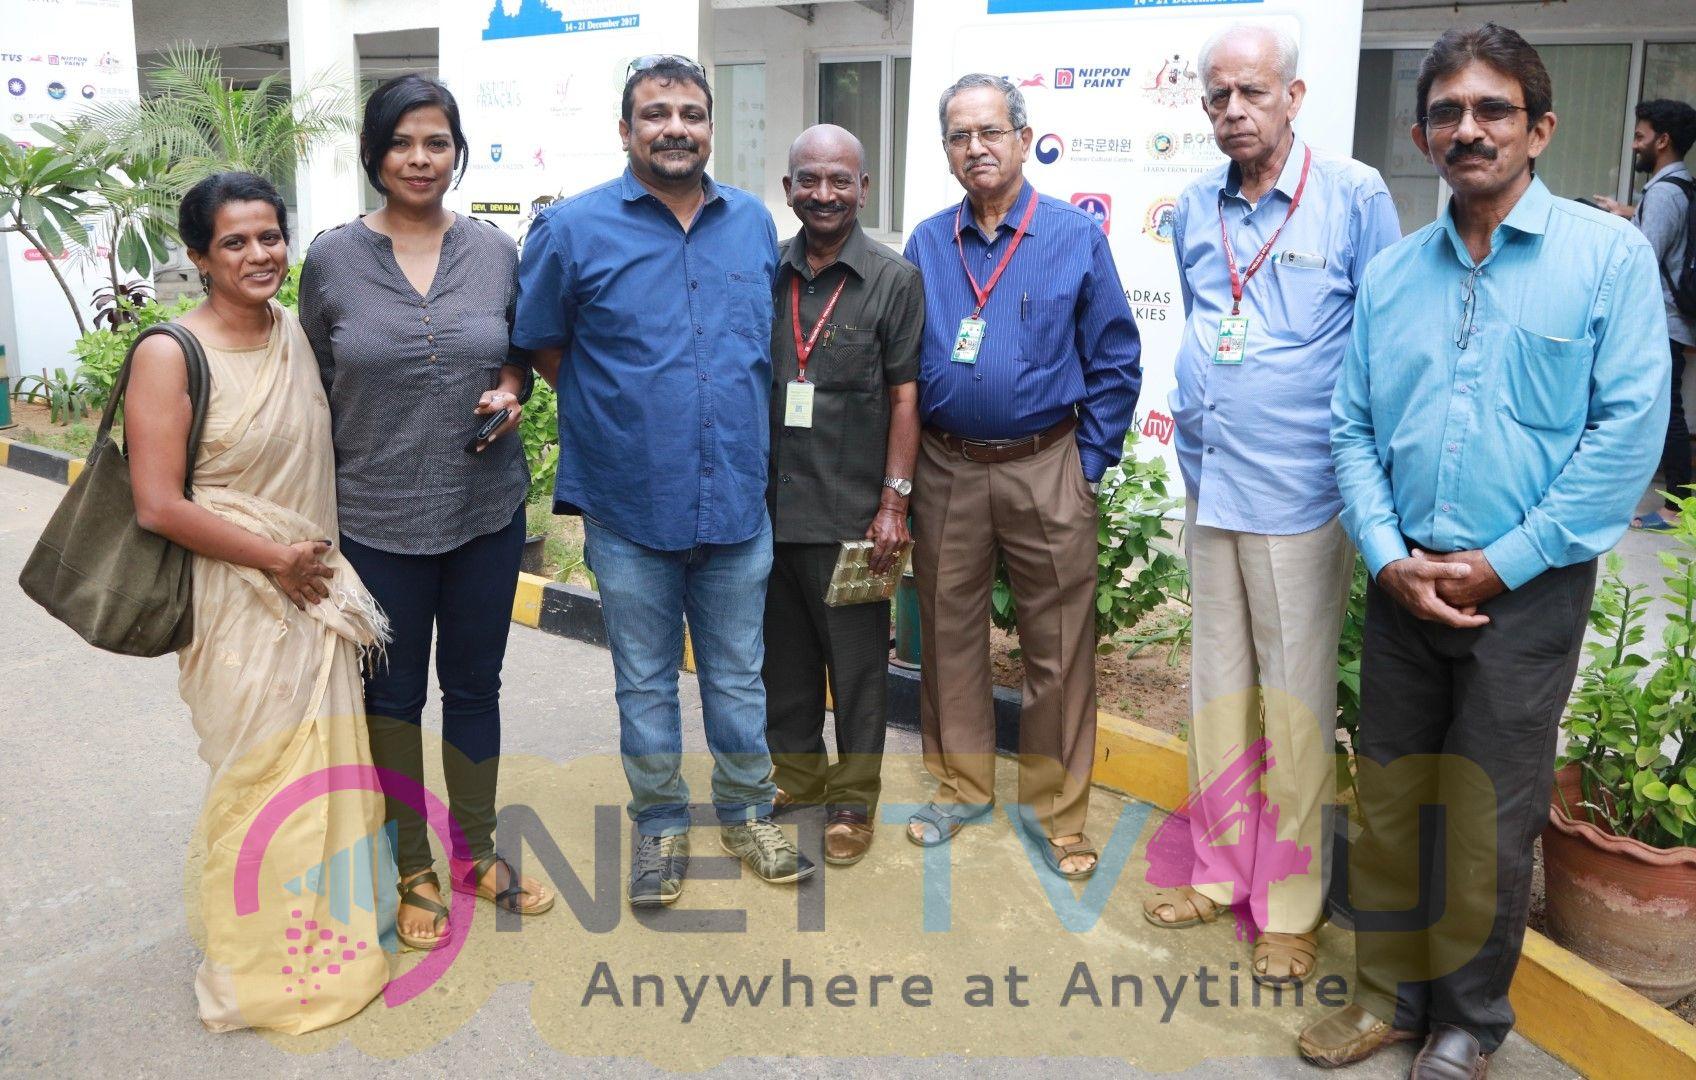 Vikram Vedha Directors Pushkar - Gayathri At 15th Chennai International Film Festival Pics